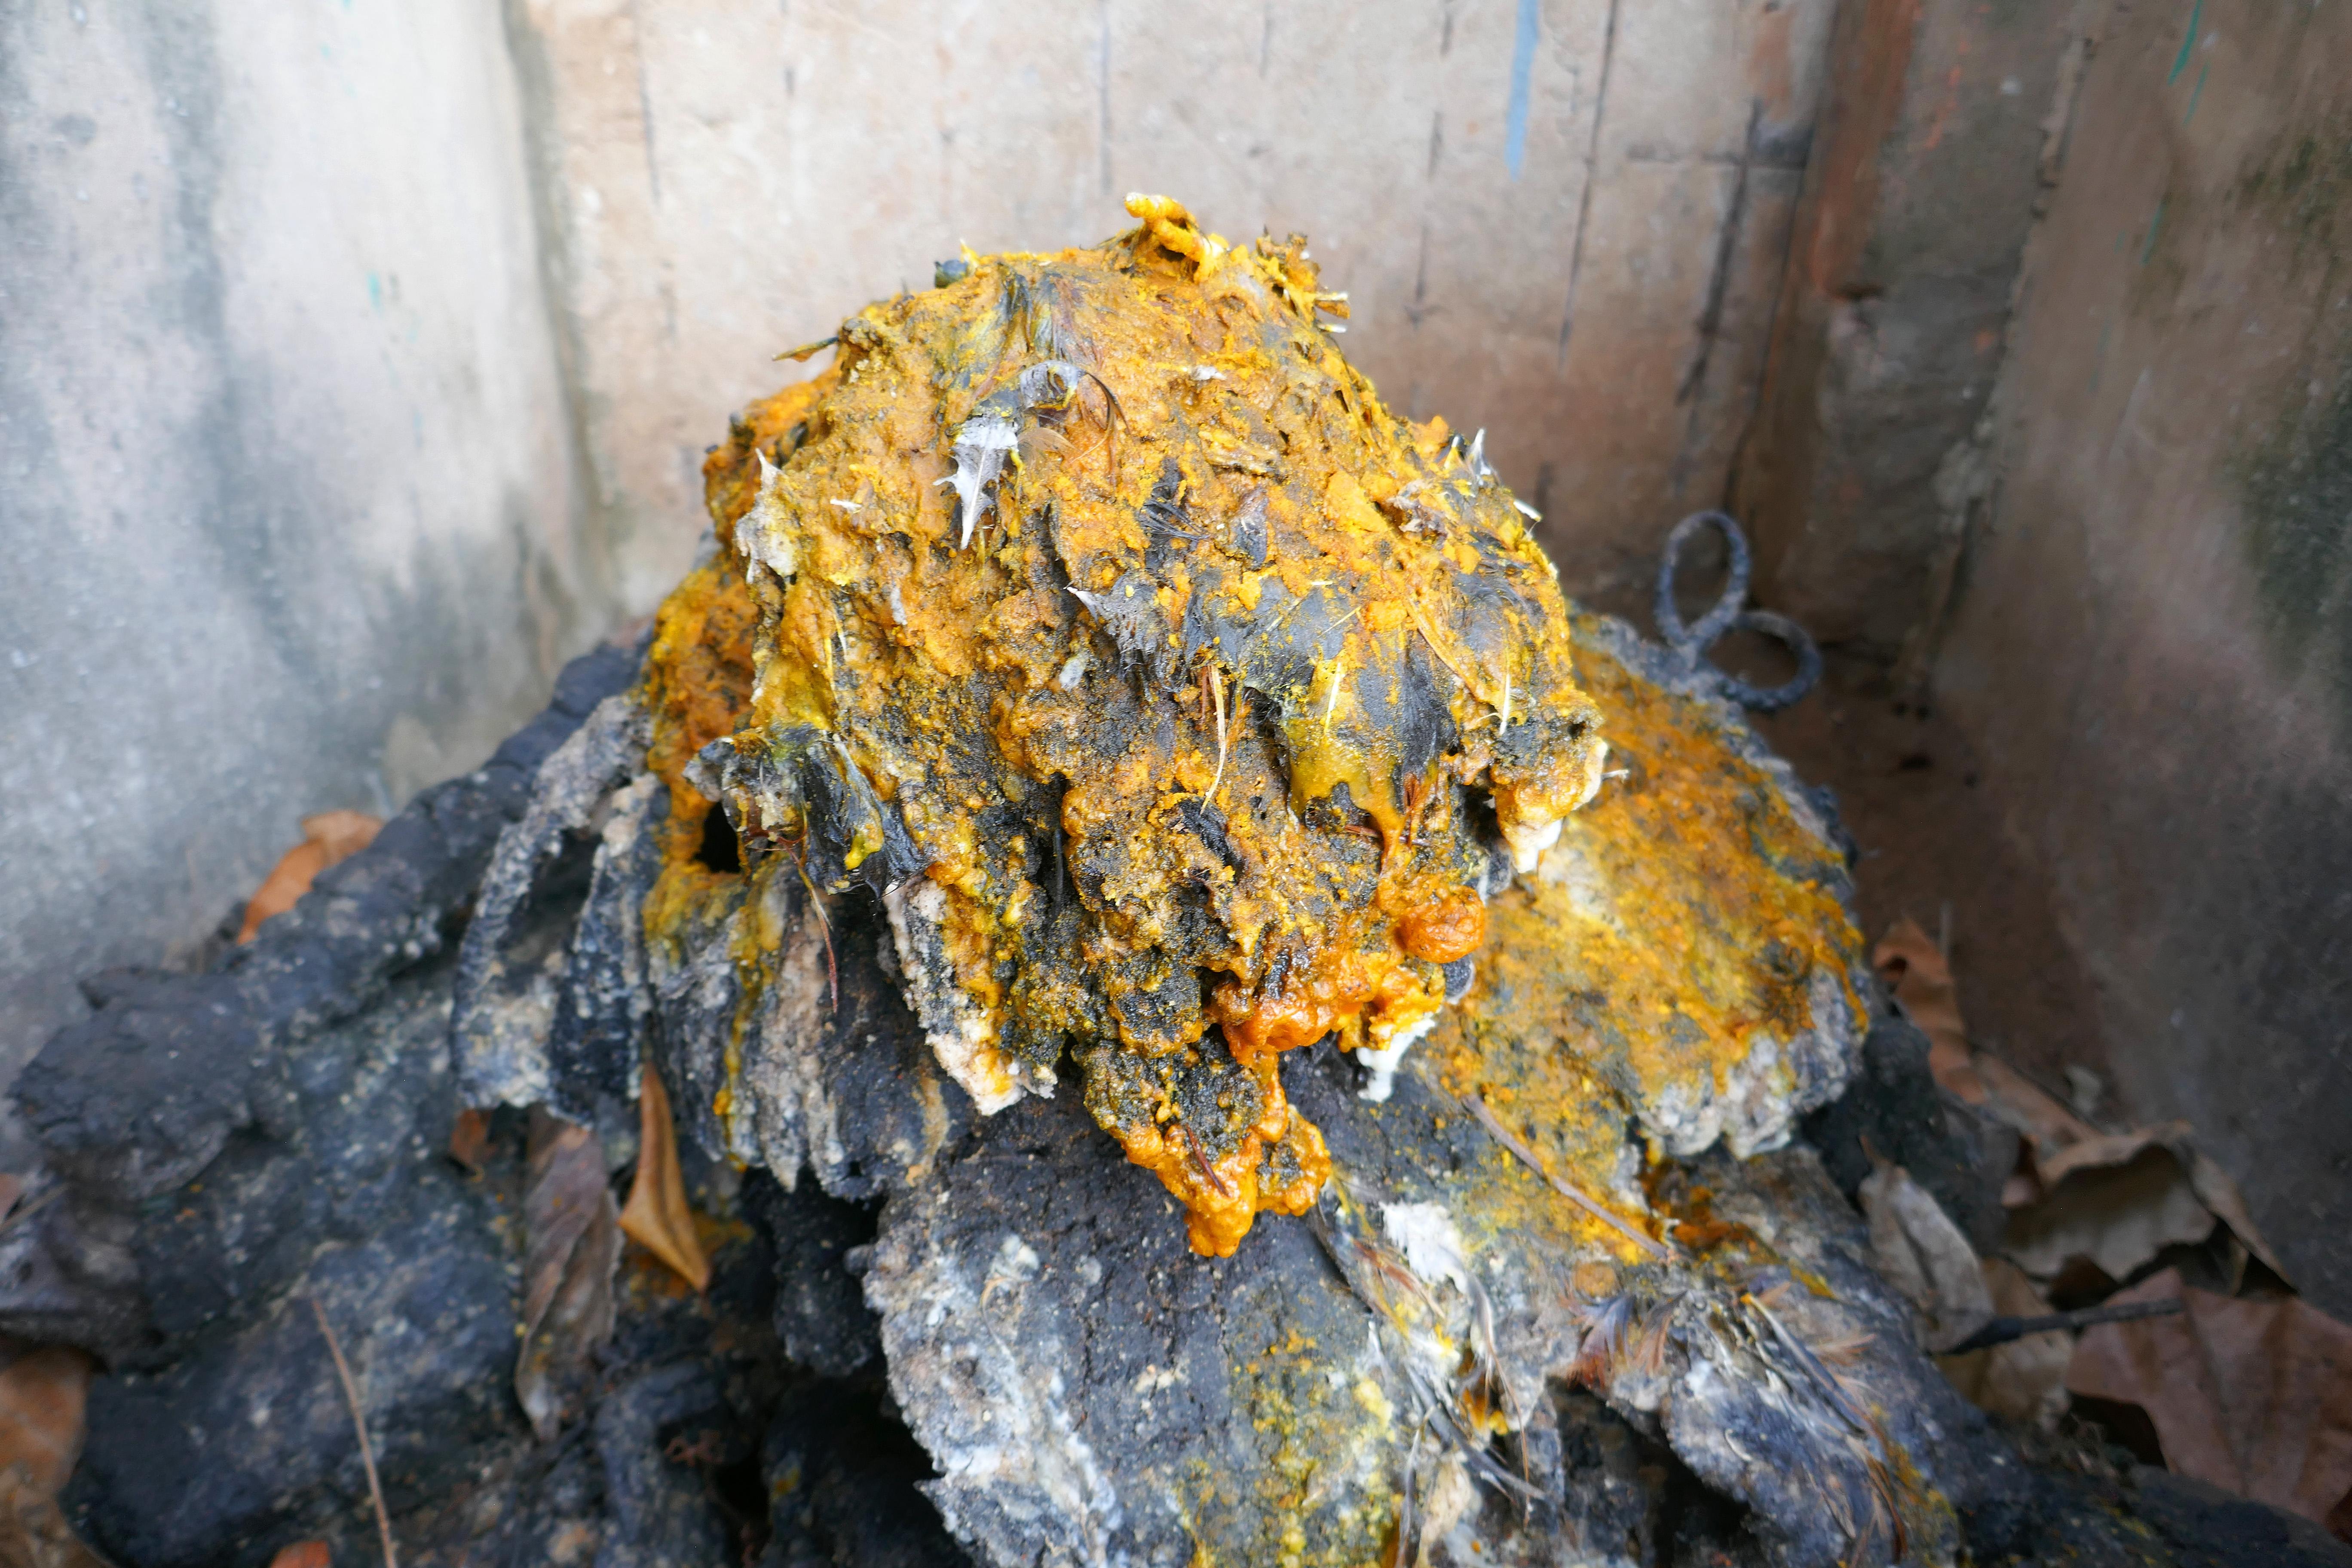 File:Ouidah-Temple des Pythons-Autel sacrificiel (2) jpg